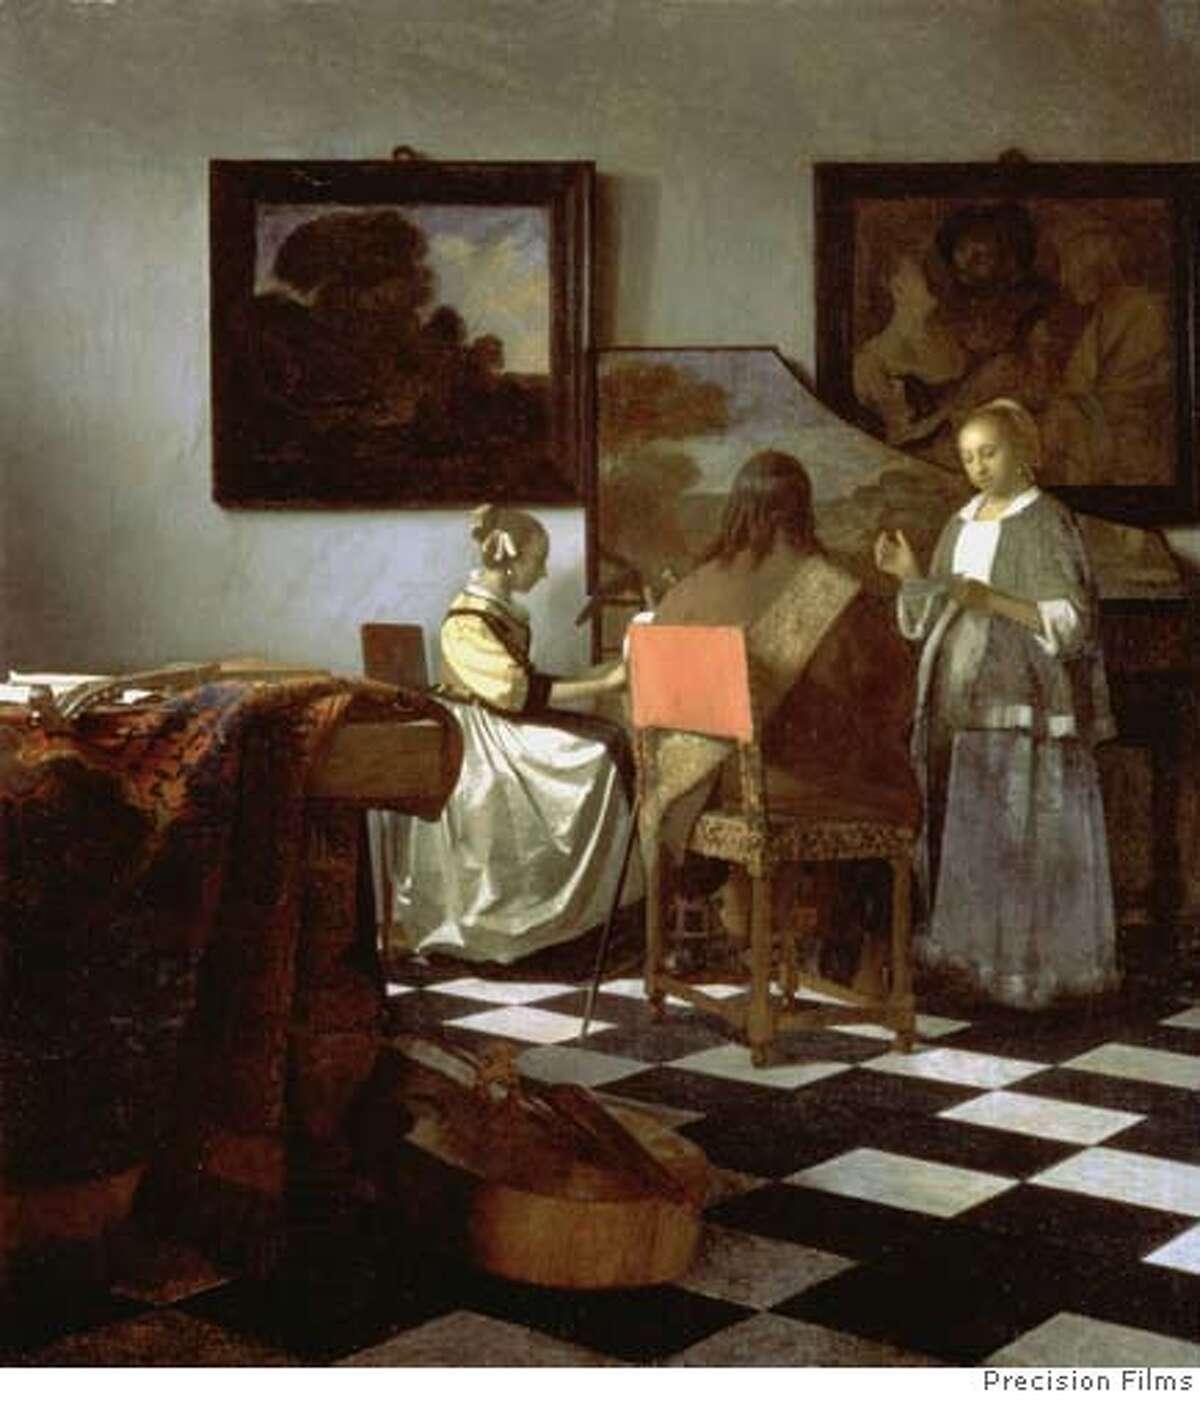 Painting is Vermeer's